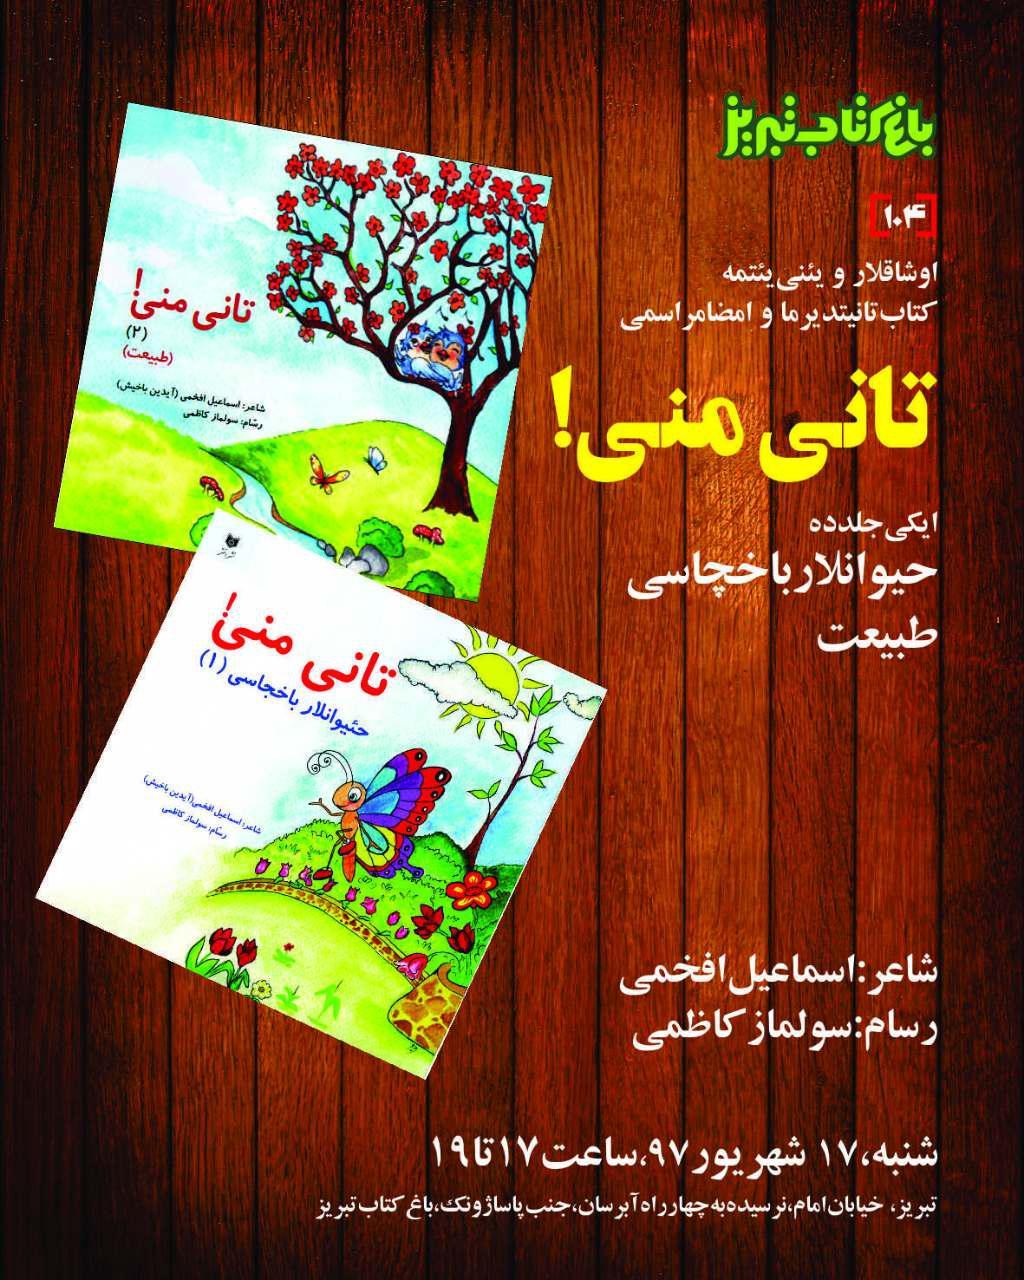 رونمایی از دو کتاب ترکی «تانی منی»